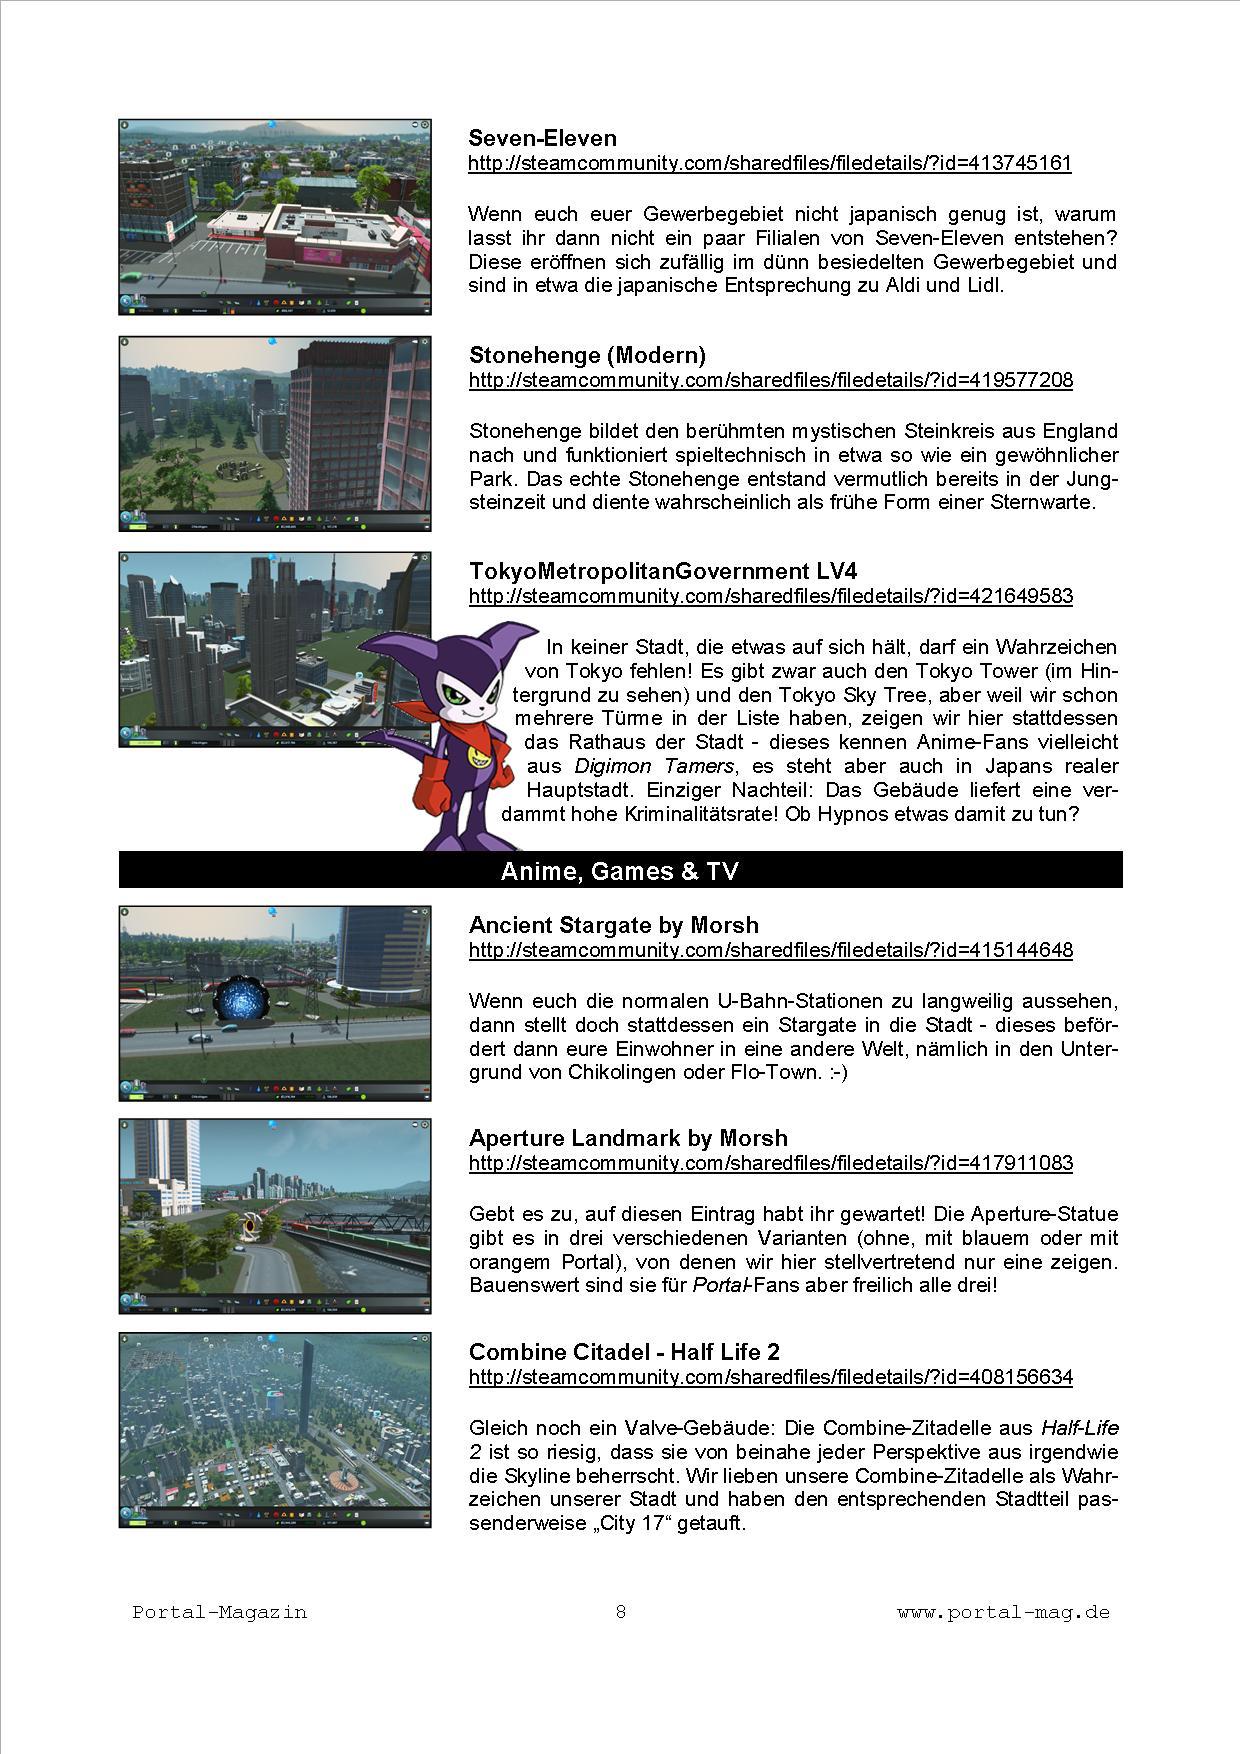 Ausgabe 30, Seite 8